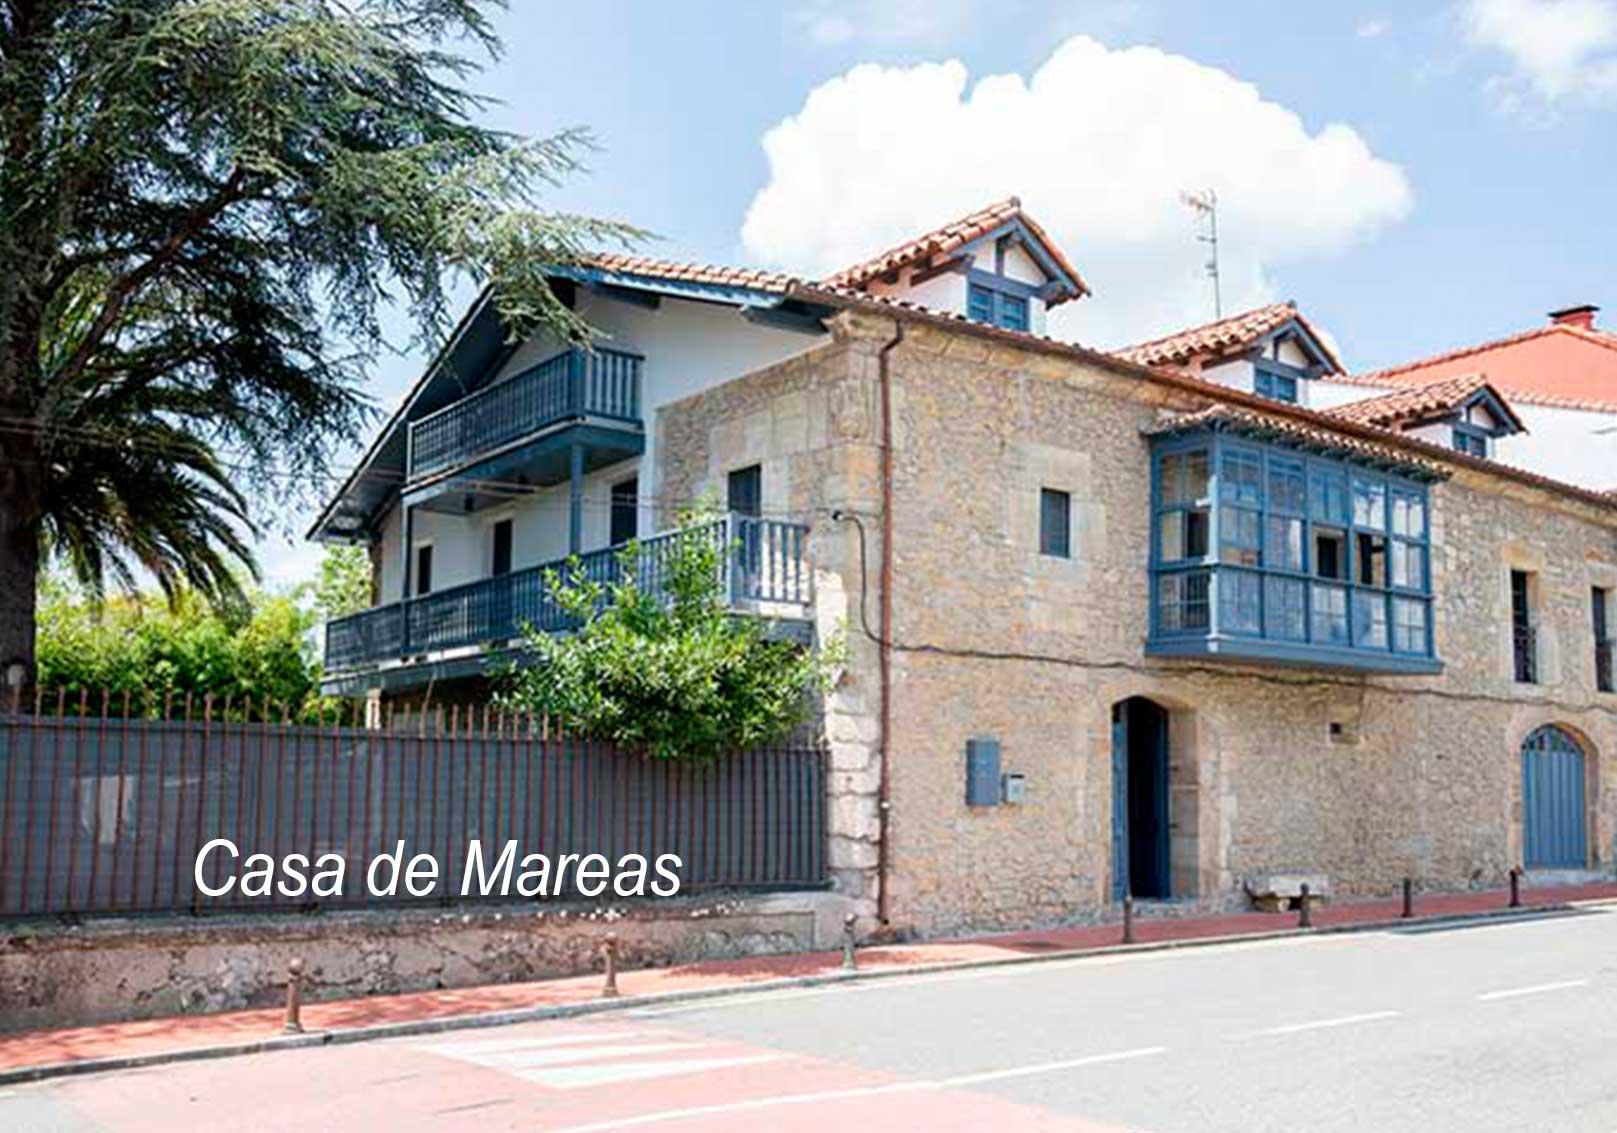 Casa De Mareas: Mansion in Cantabria